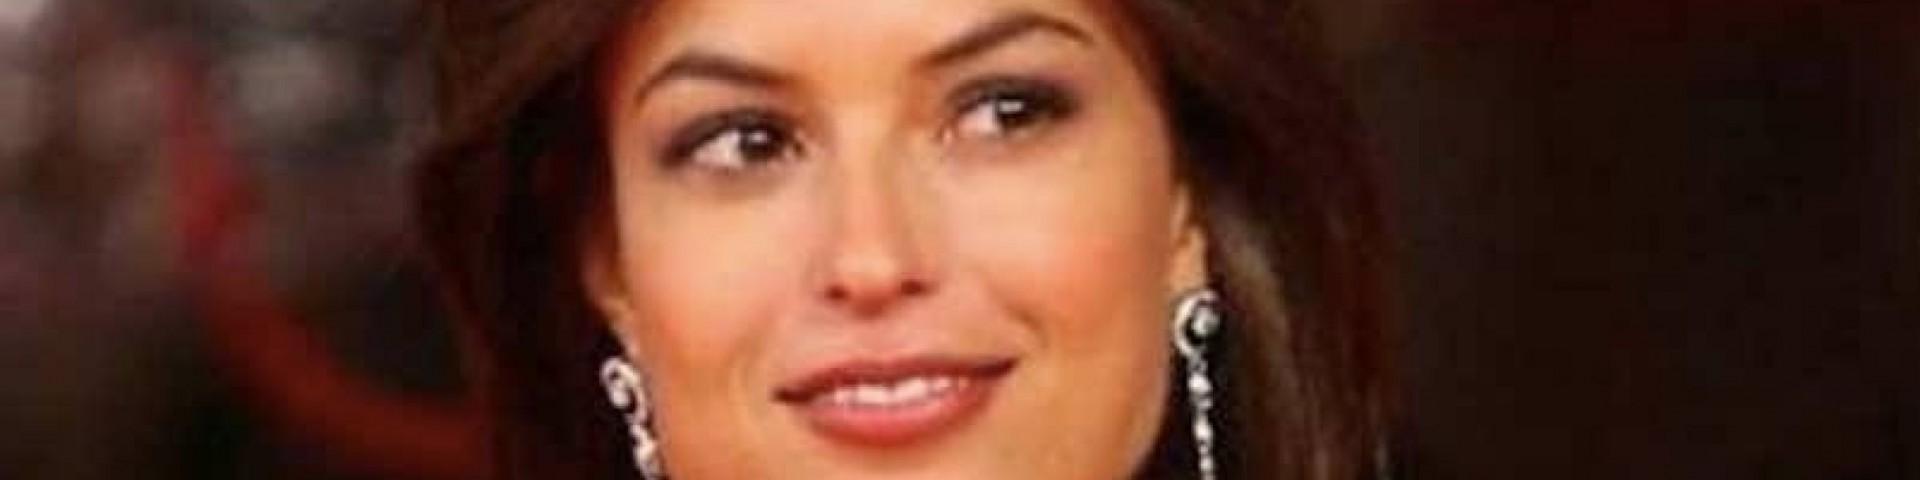 Che fine ha fatto Sara Tommasi?